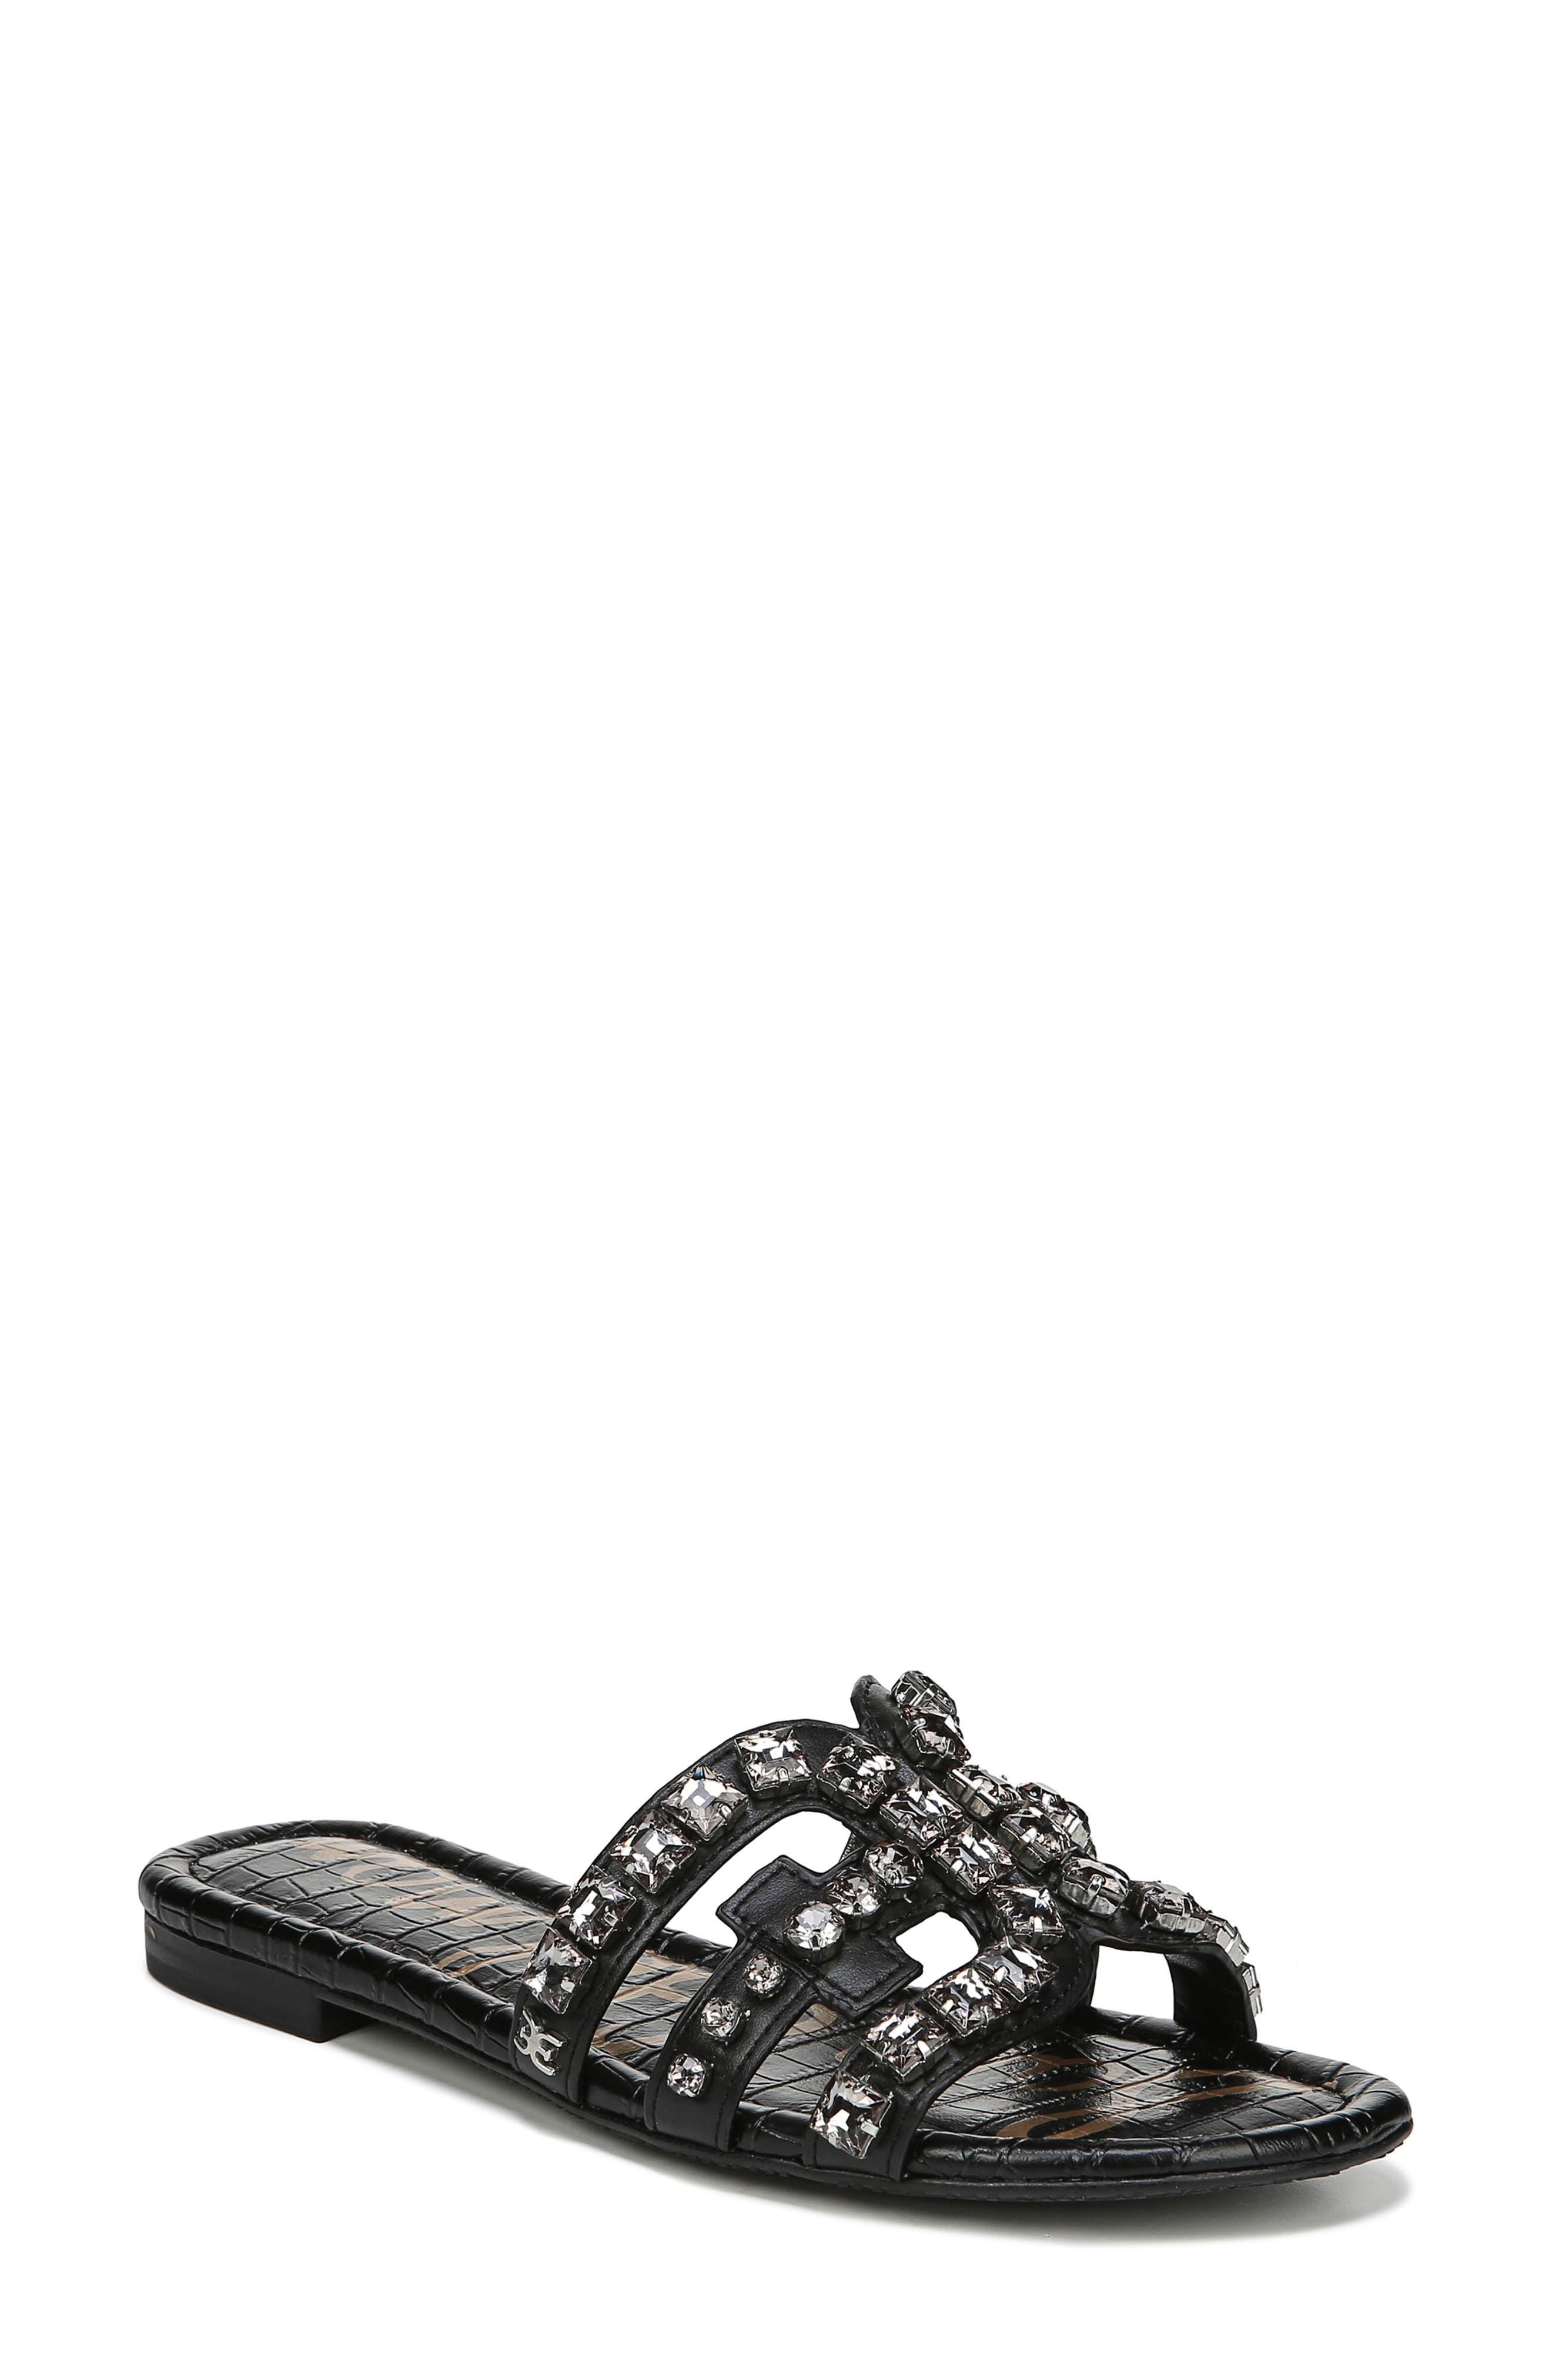 SAM EDELMAN Bay 2 Embellished Slide Sandal, Main, color, BLACK NAPPA LEATHER